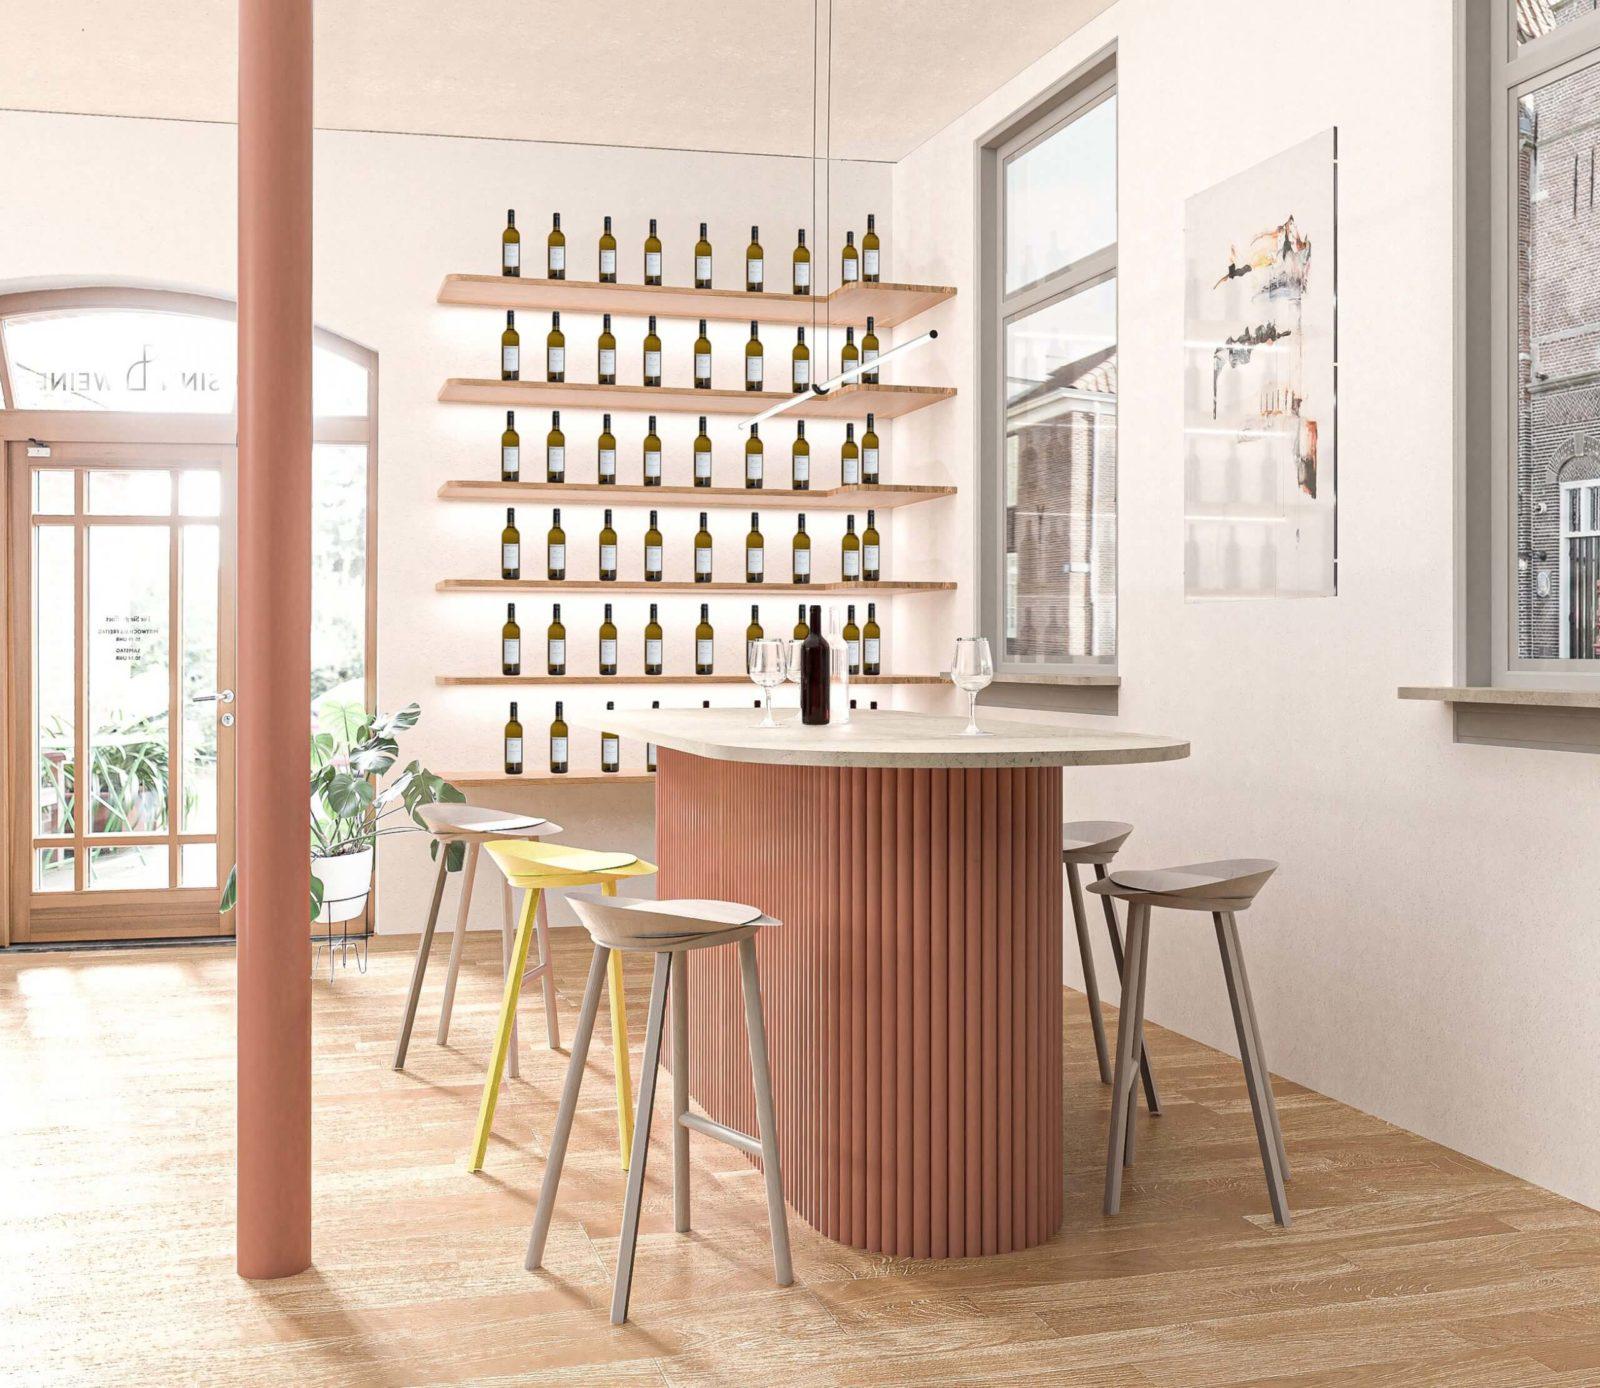 Sinn_Weine_Interiordesign